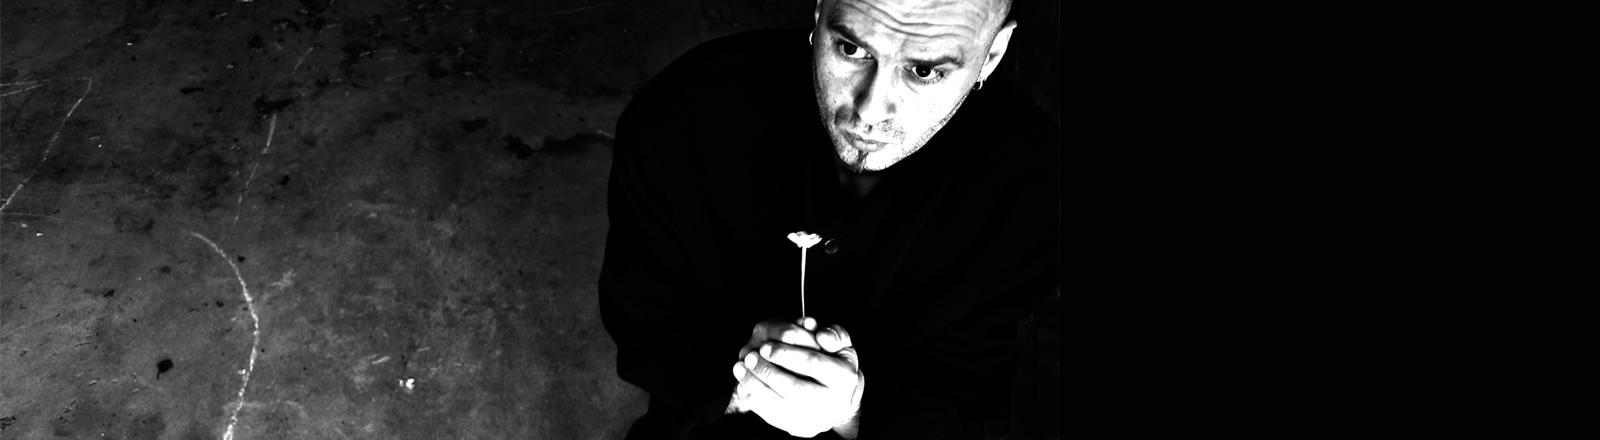 Ein Mann hält traurig eine Blume in der Hand.